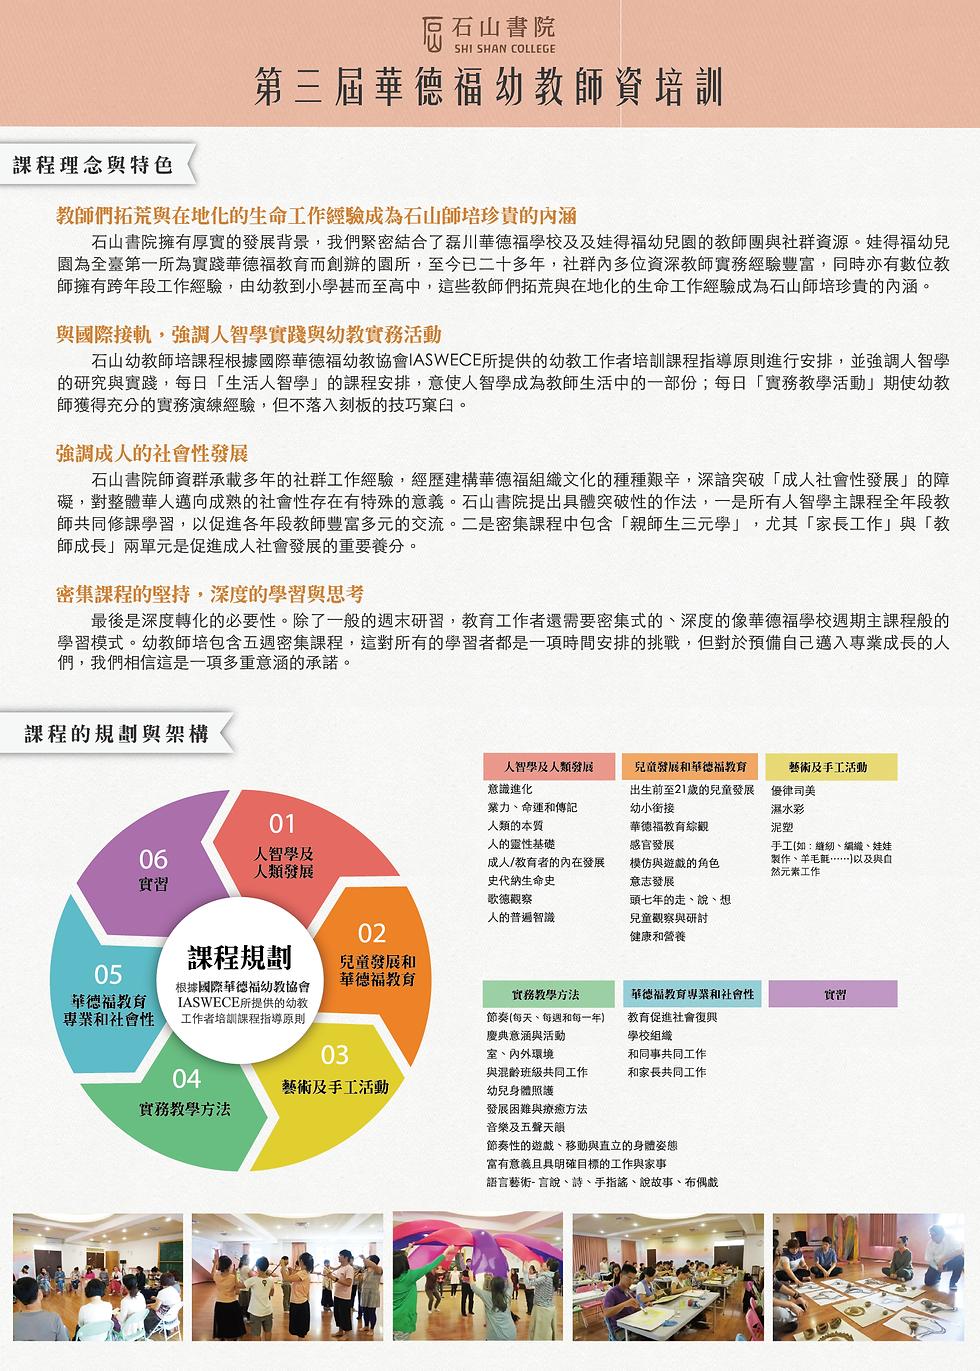 第三屆幼教師培-二版_2019-2020-01.png